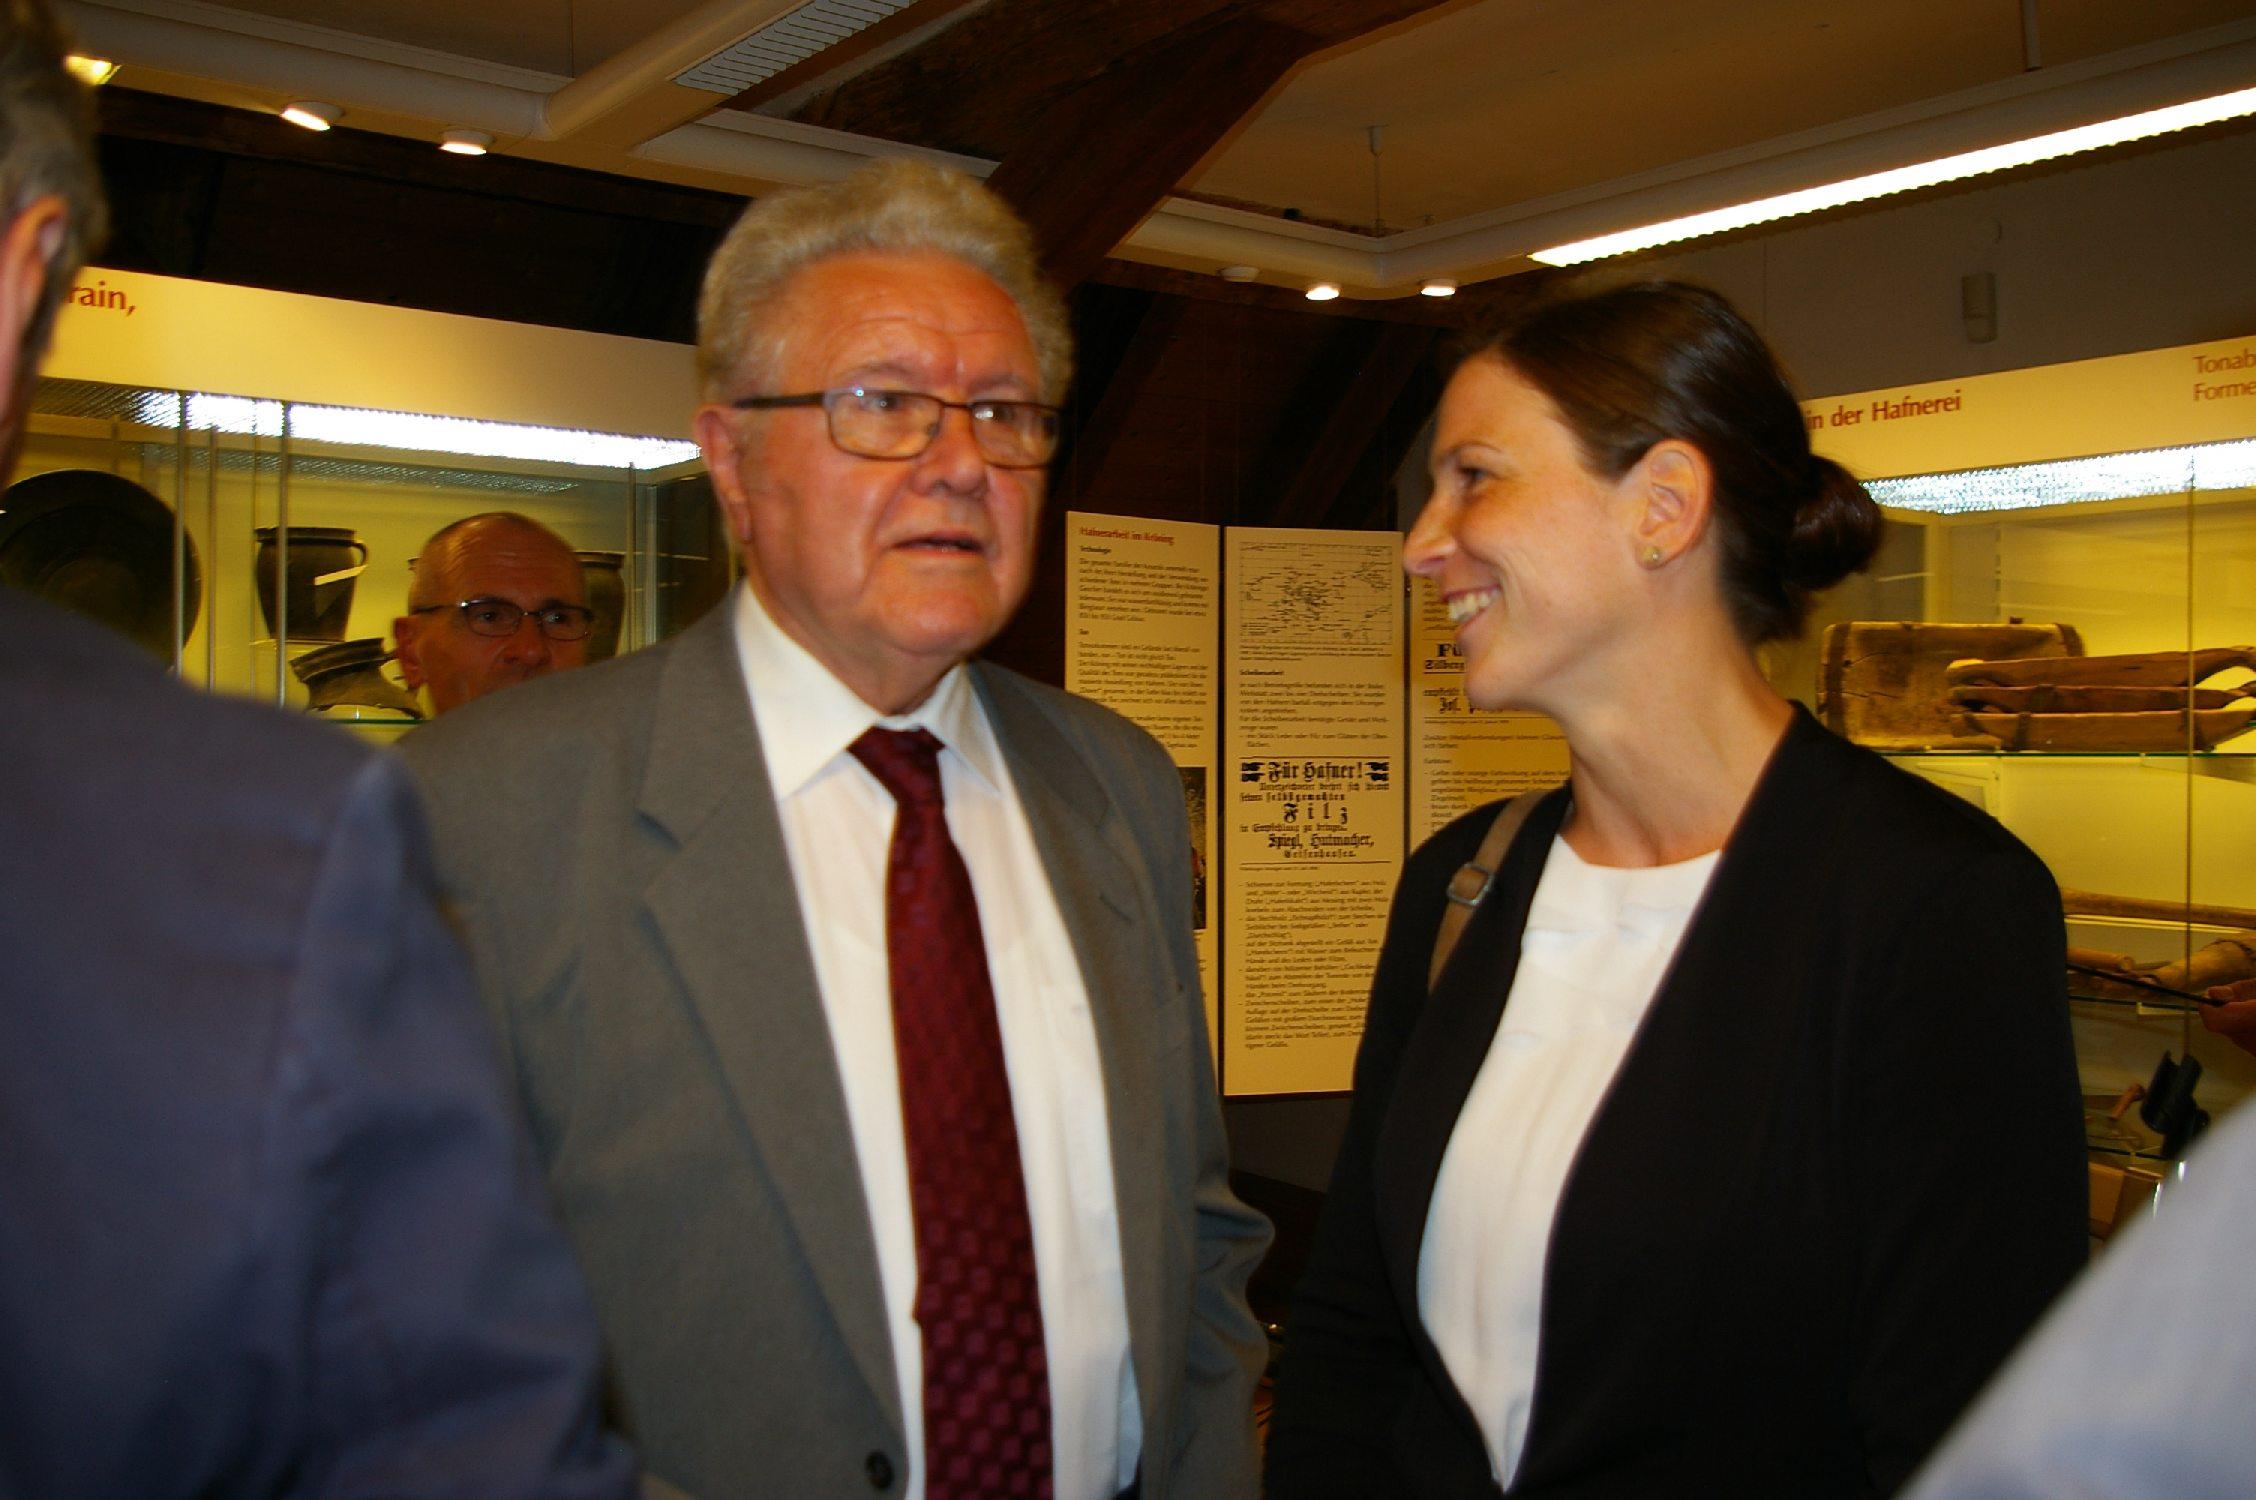 Annika Janßen (rechts) derzeit noch am Museum in Weißenhorn tätig, wird ab dem Jahr 2018 die Nachfolge von Lambert Grasmann als Museumsleiterin antreten.